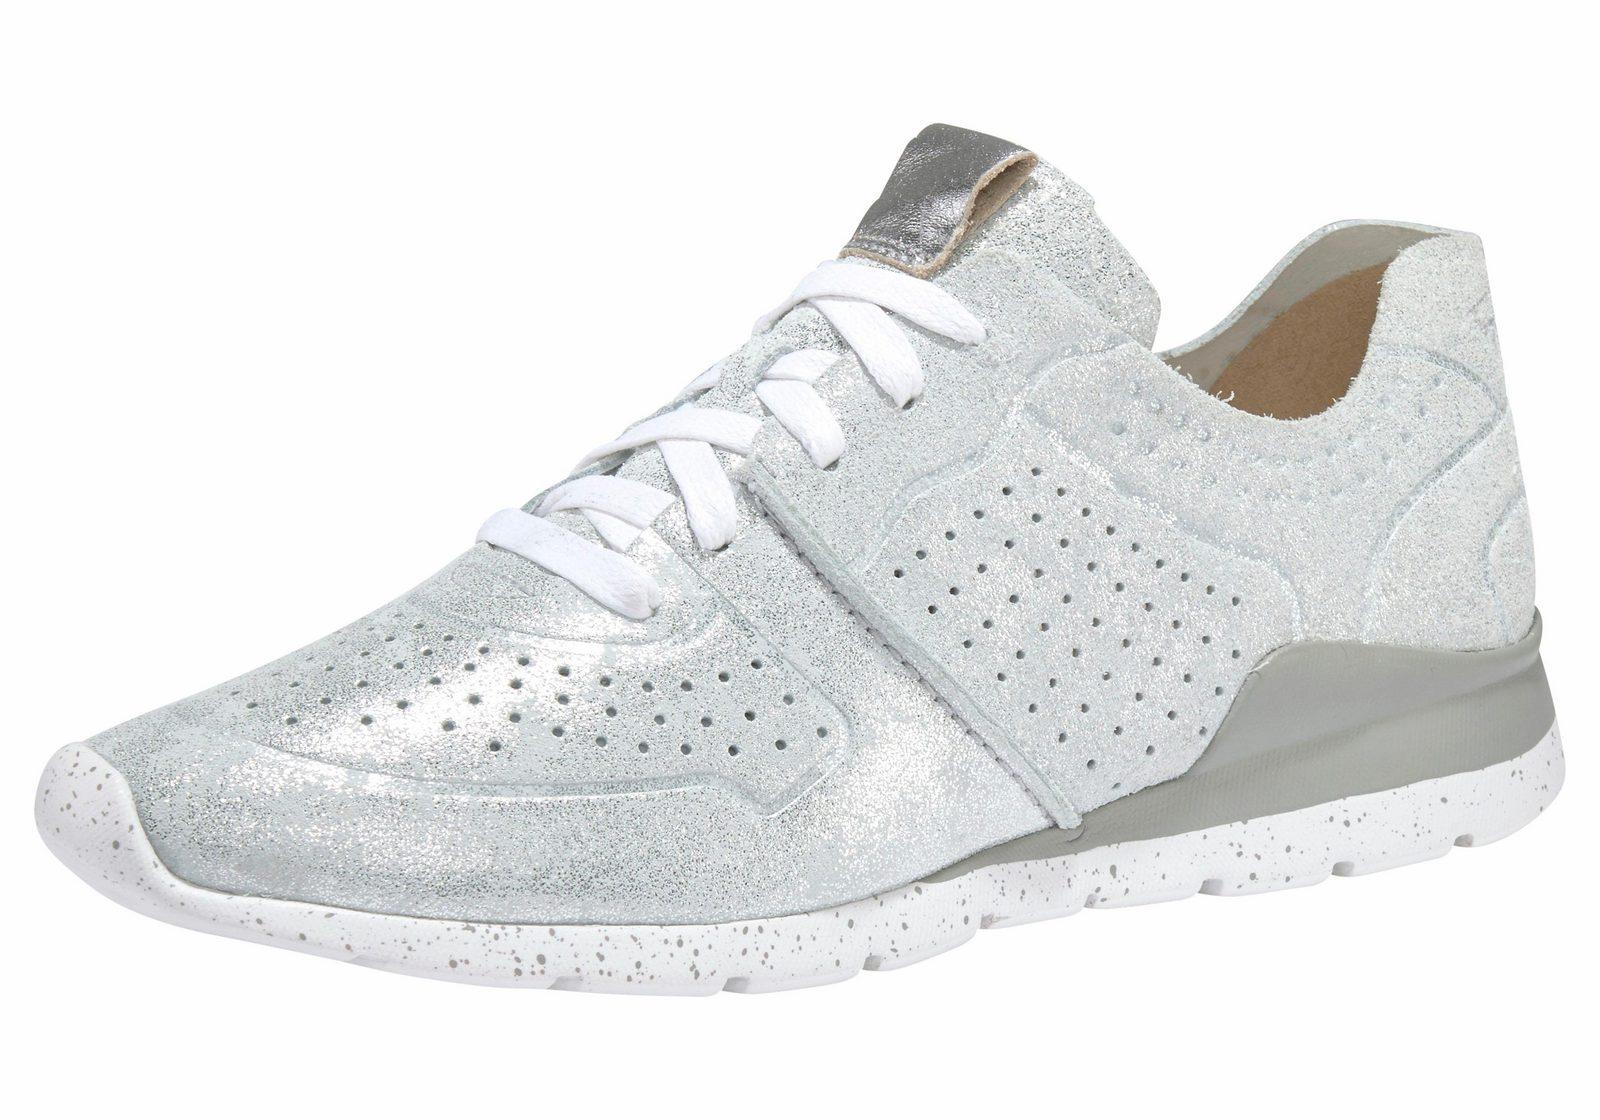 UGG Tye Stardust - Fashion Schuhe für Damen Silber jetztbilligerkaufen